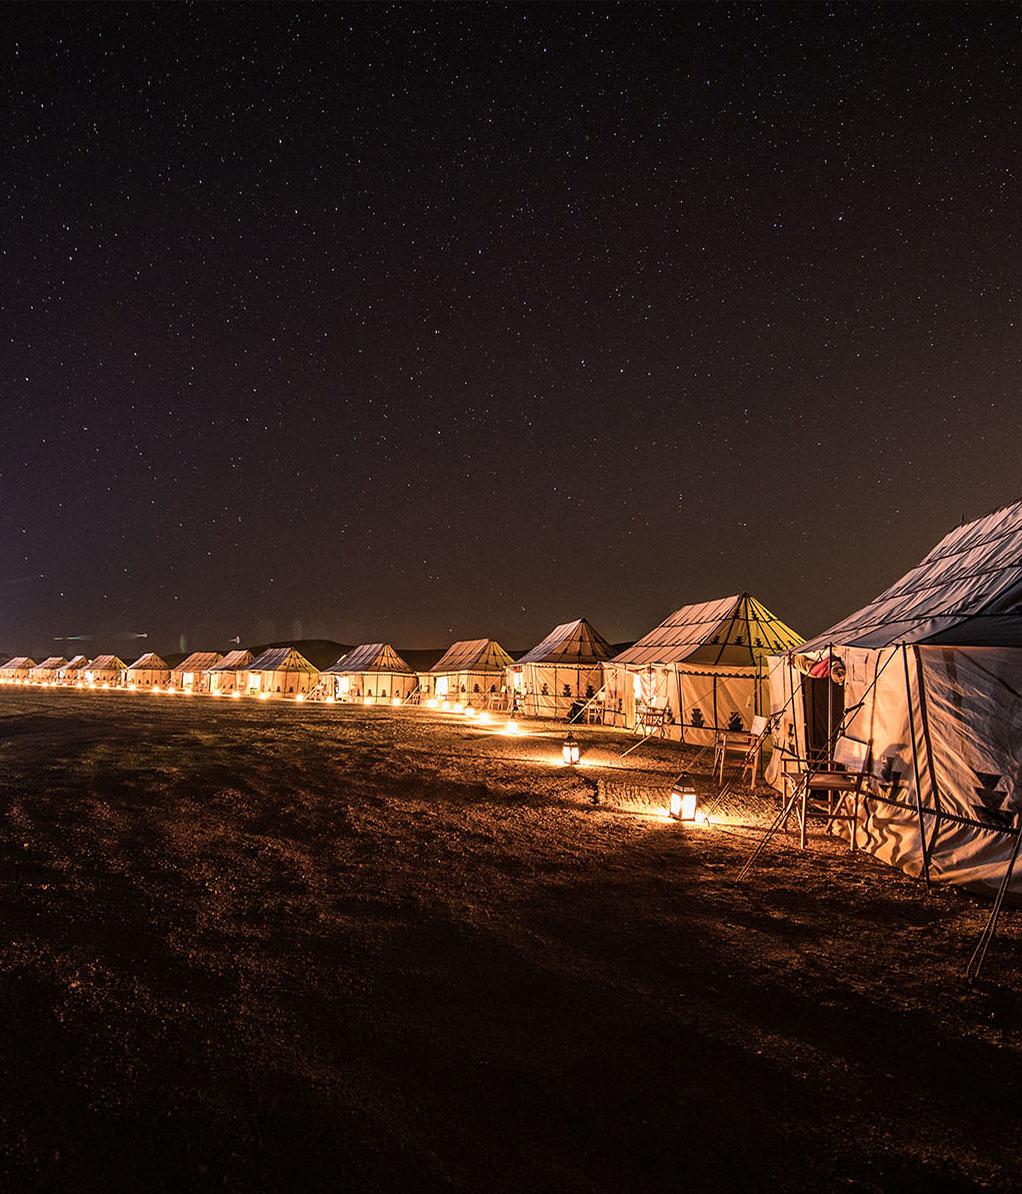 Wüstencamp Marokko bei Nacht